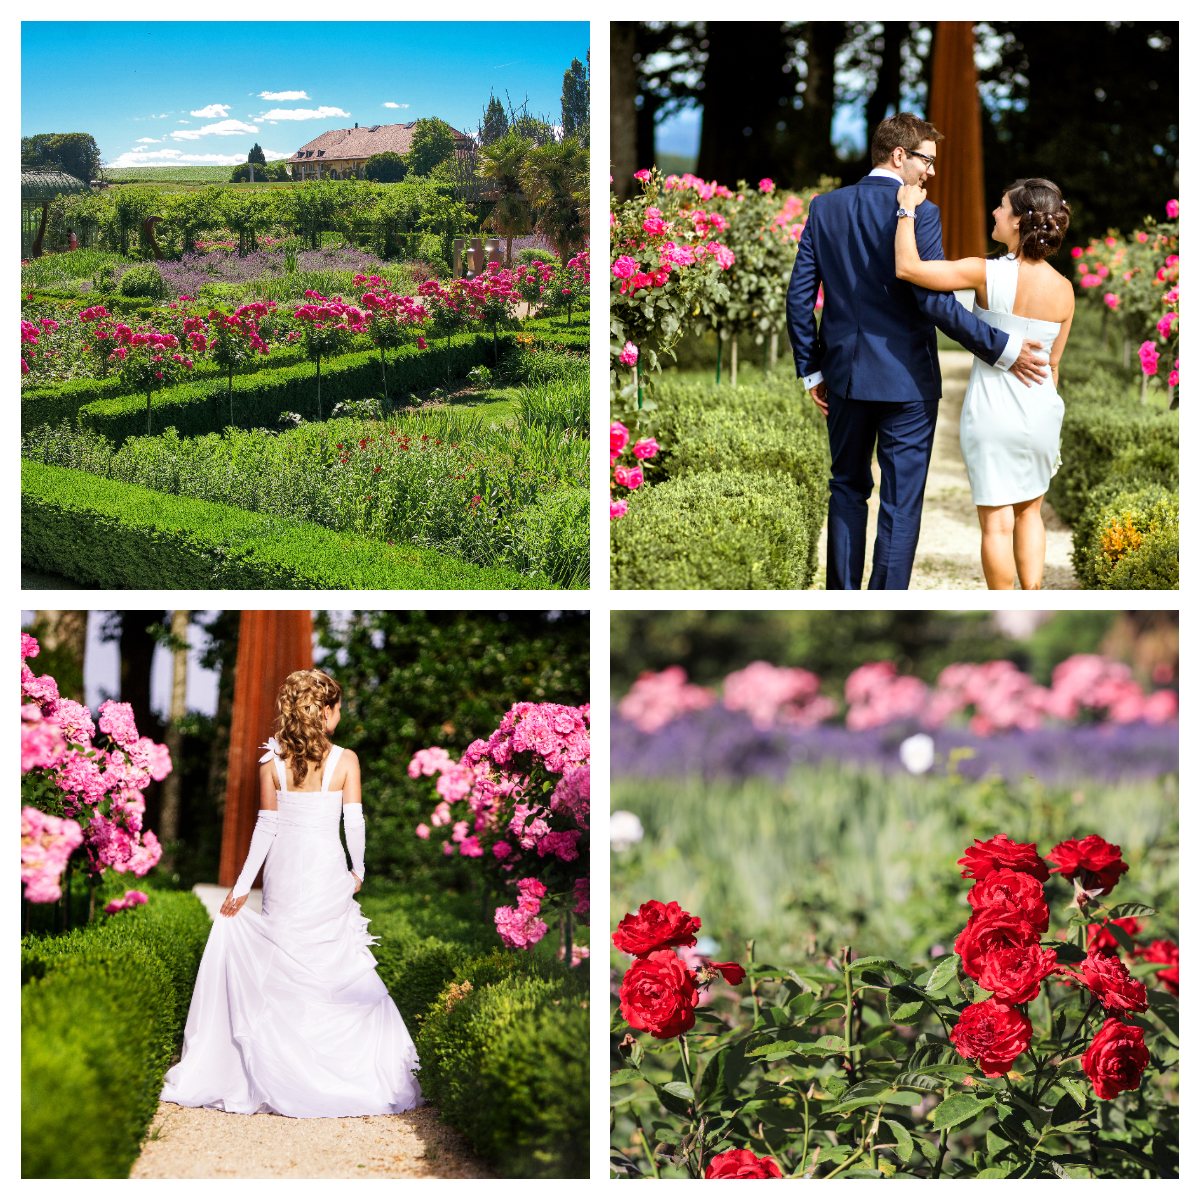 Unknown - En été - Parez votre mariage des doux rayons du soleil !